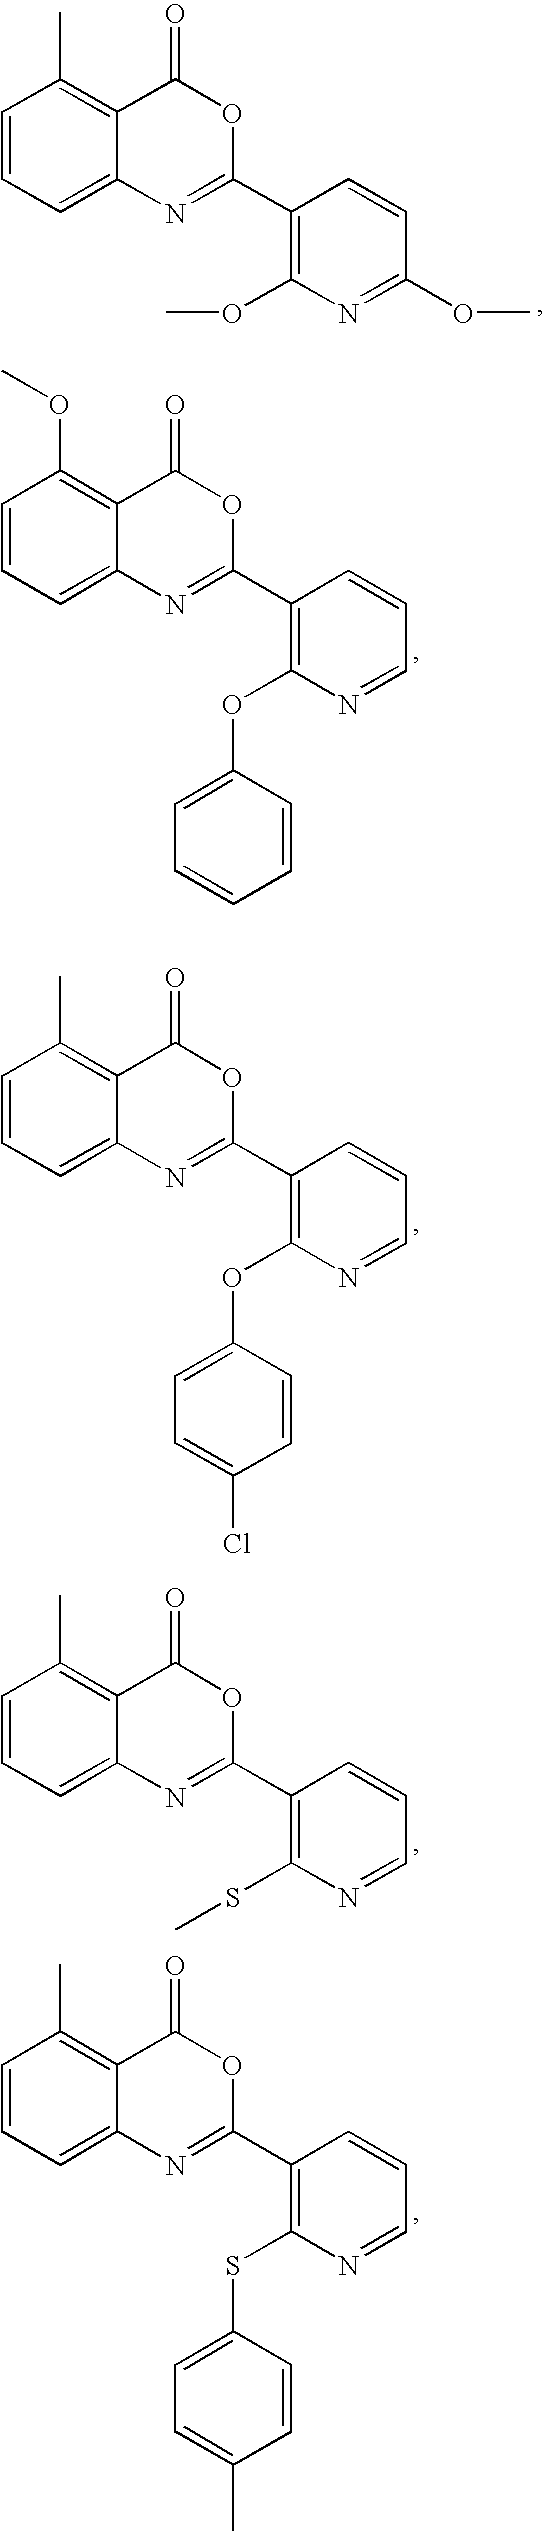 Figure US20080161290A1-20080703-C00378